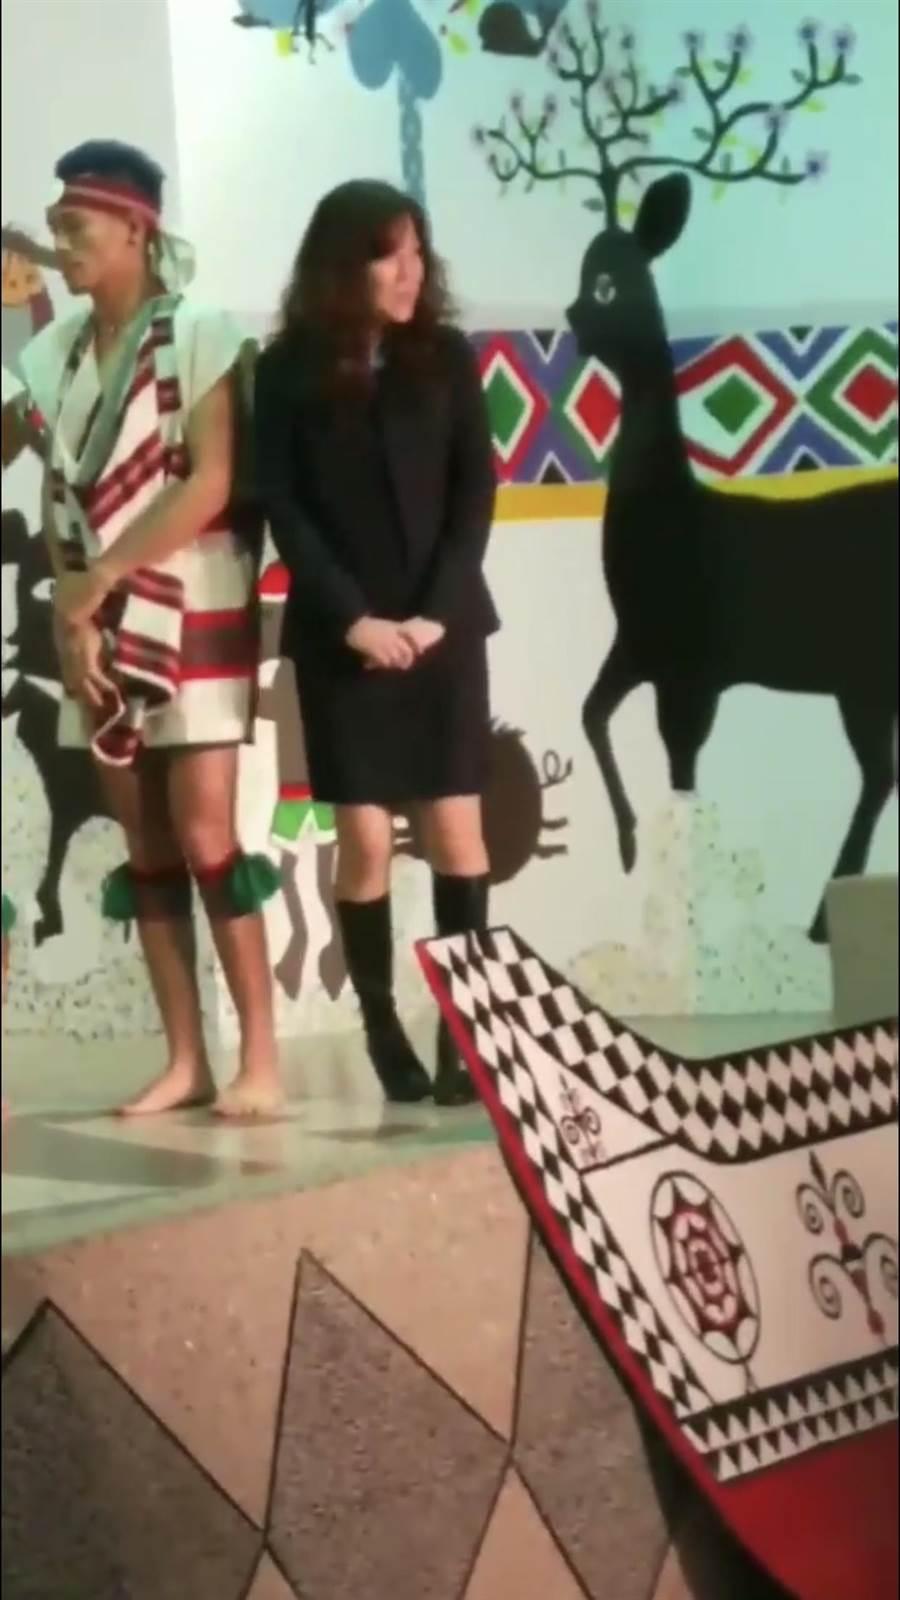 酒醉女子亂入基隆市原住民舞蹈團的表演,並刻意用肩膀靠上其中1名原民男舞者的肩膀說「我跟他並肩!」。(翻攝自爆料公社)